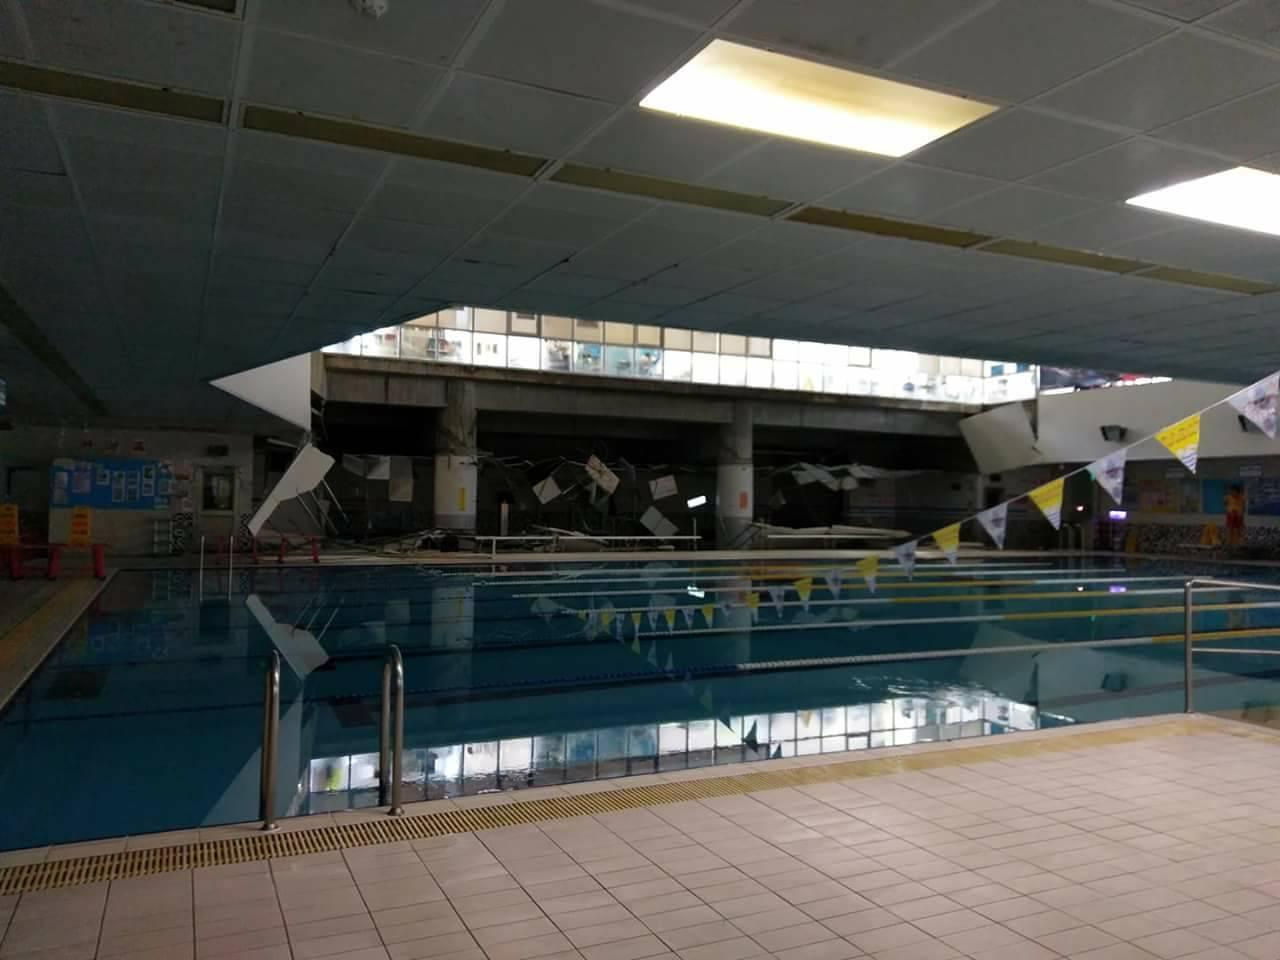 南港運動中心泳池邊鋼架掉落。圖 / 台北市體育局提供